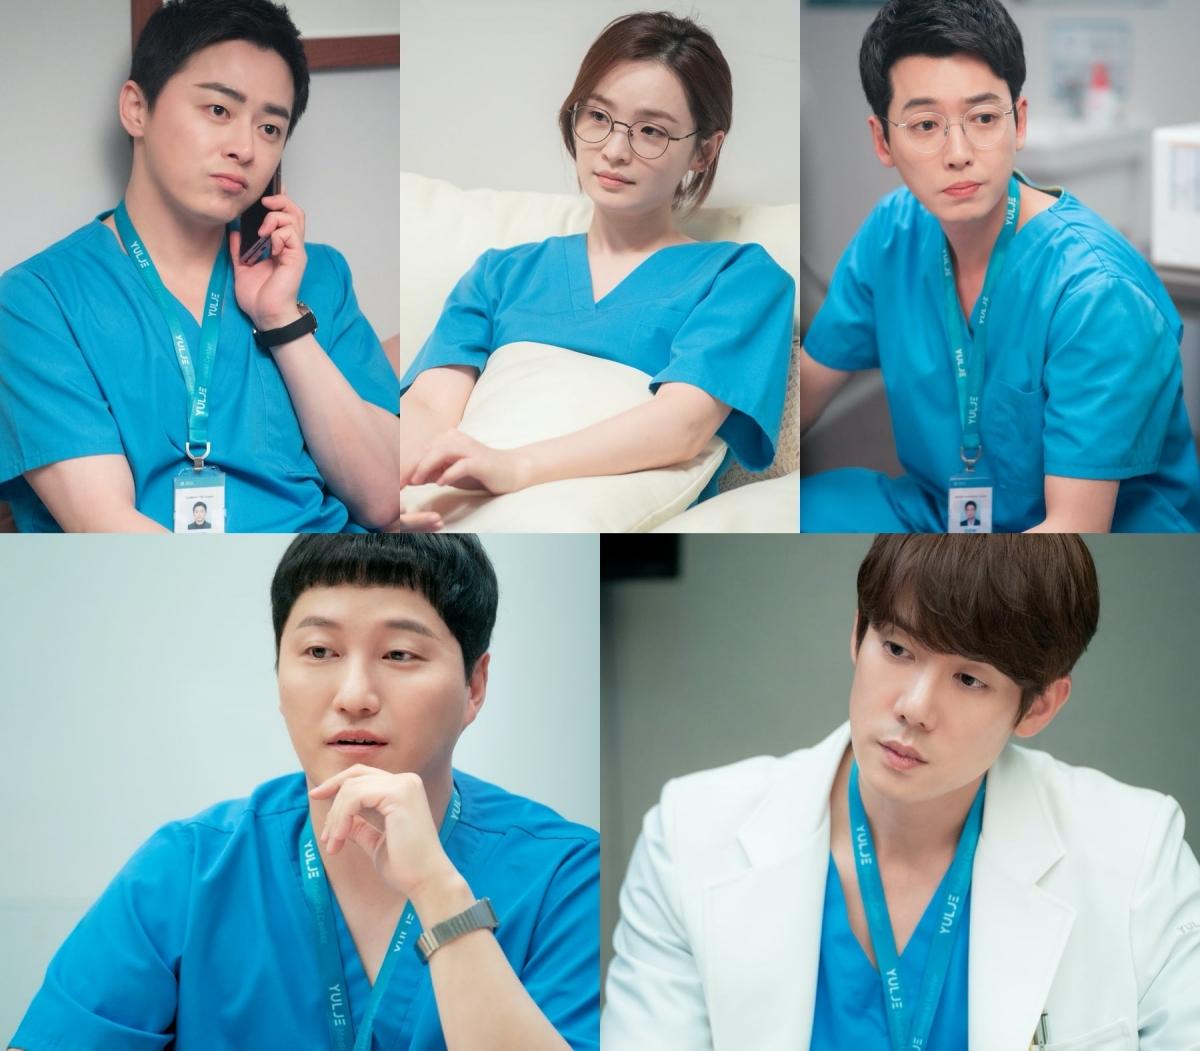 Bộ phim xoay quanh câu chuyện đời thường bình dị trong cuộc sống của 5 bác sĩ.